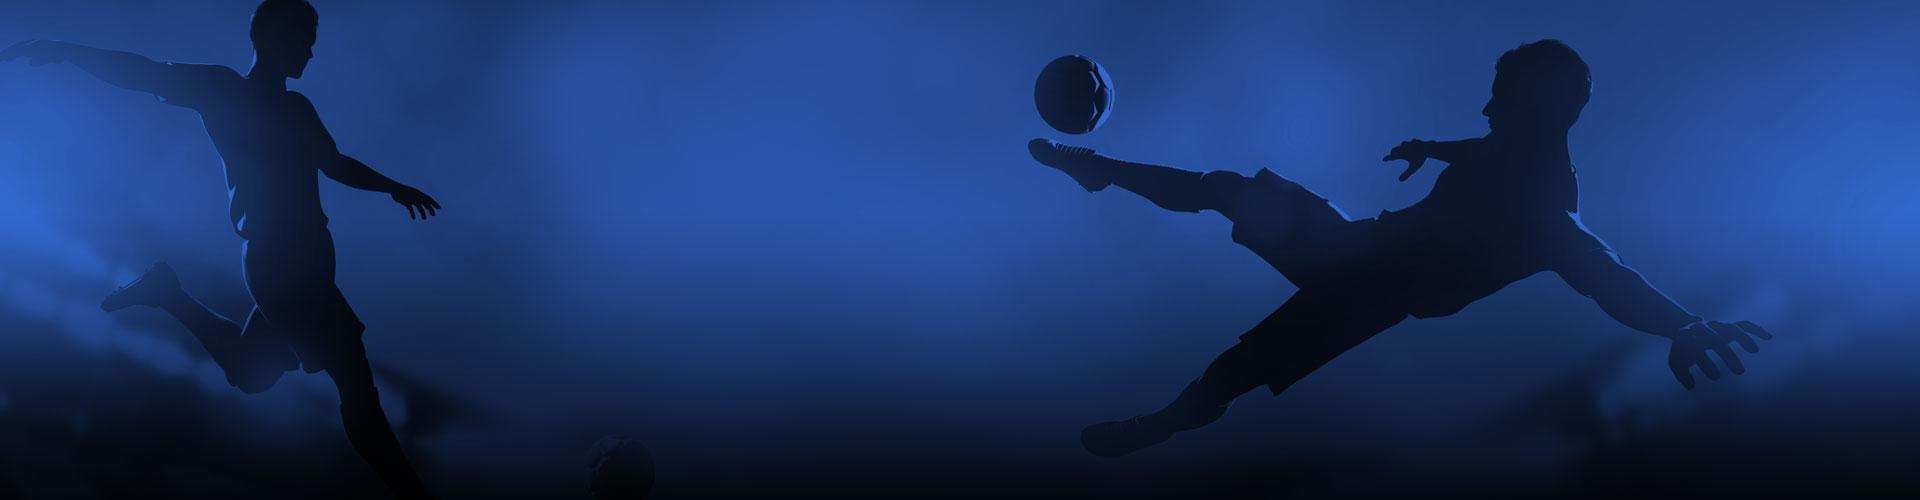 Sportingbet Wettbonus – Aktuelle Bonus Codes mit & ohne Einzahlung